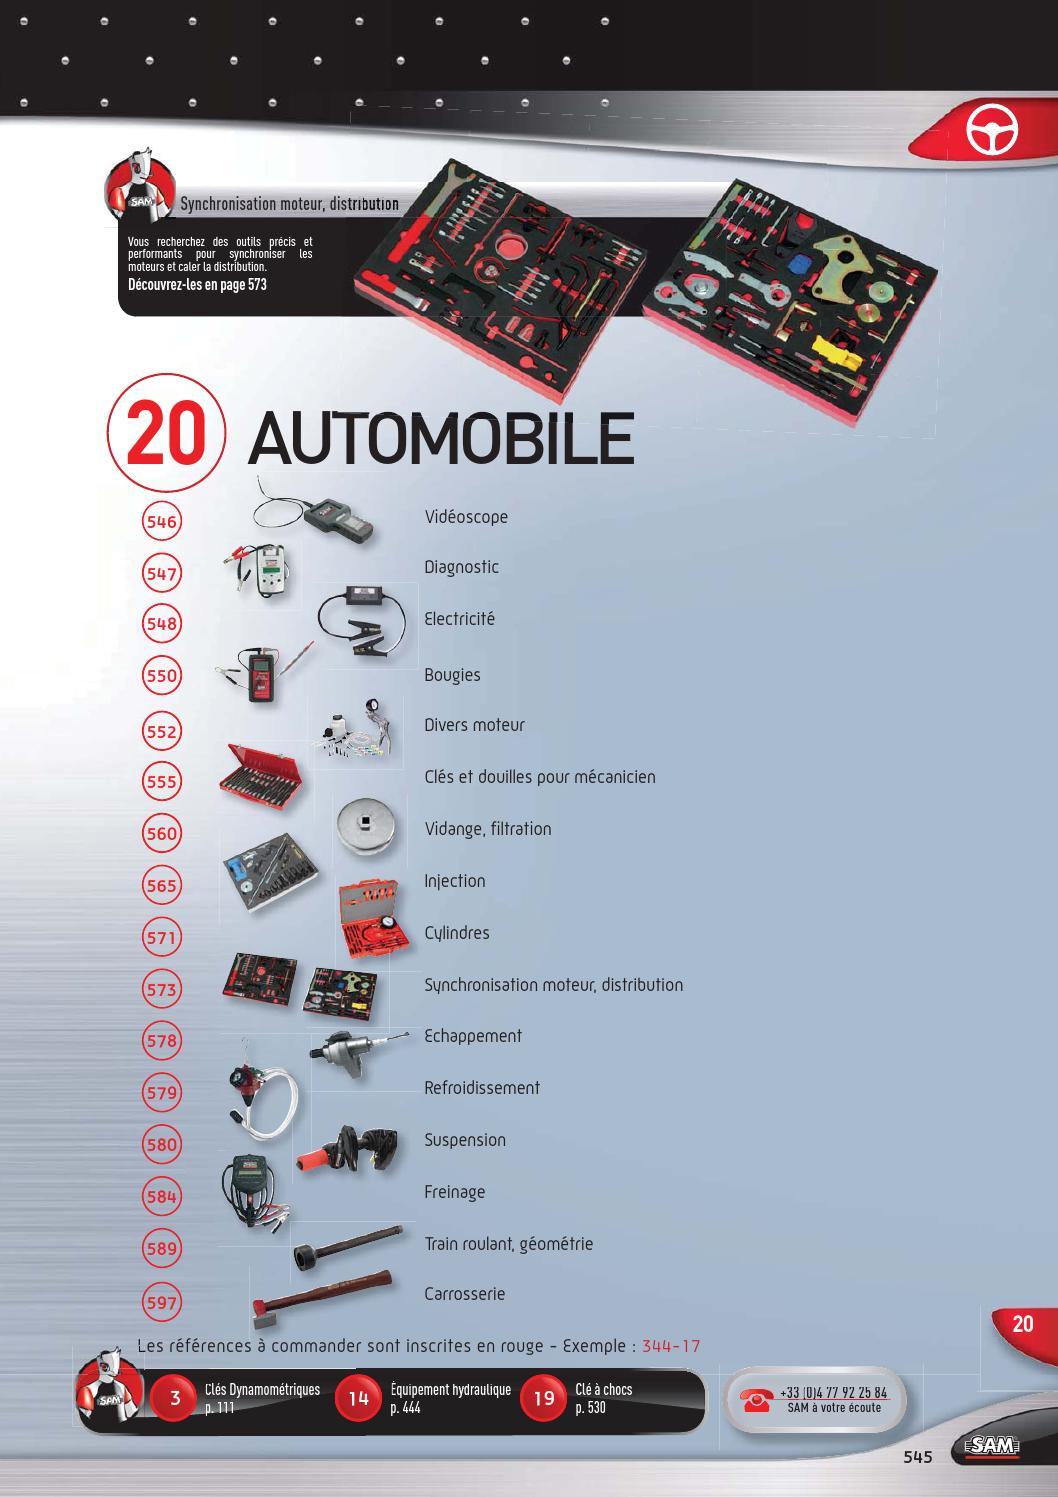 Contacteur de frein pour Renault Modus 1.2 1.4 1.5 1.6 04 /> sur choix 1//2 Lucas